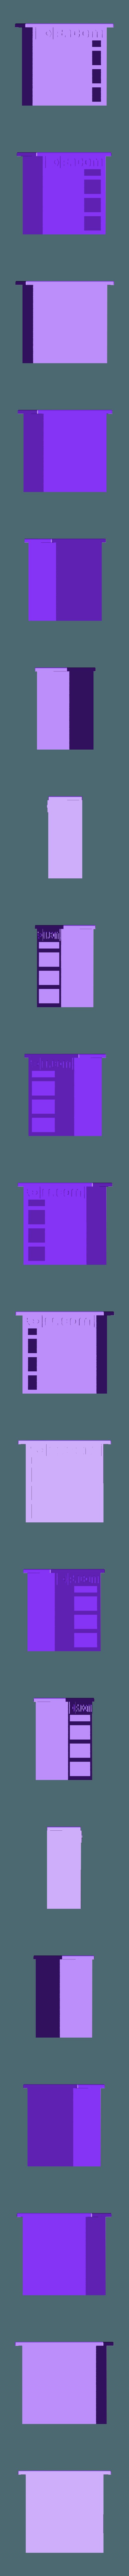 servante 1.stl Télécharger fichier STL gratuit servante FACOM 1/10 pour garage 1/10 diorama  • Plan imprimable en 3D, RCGANG93